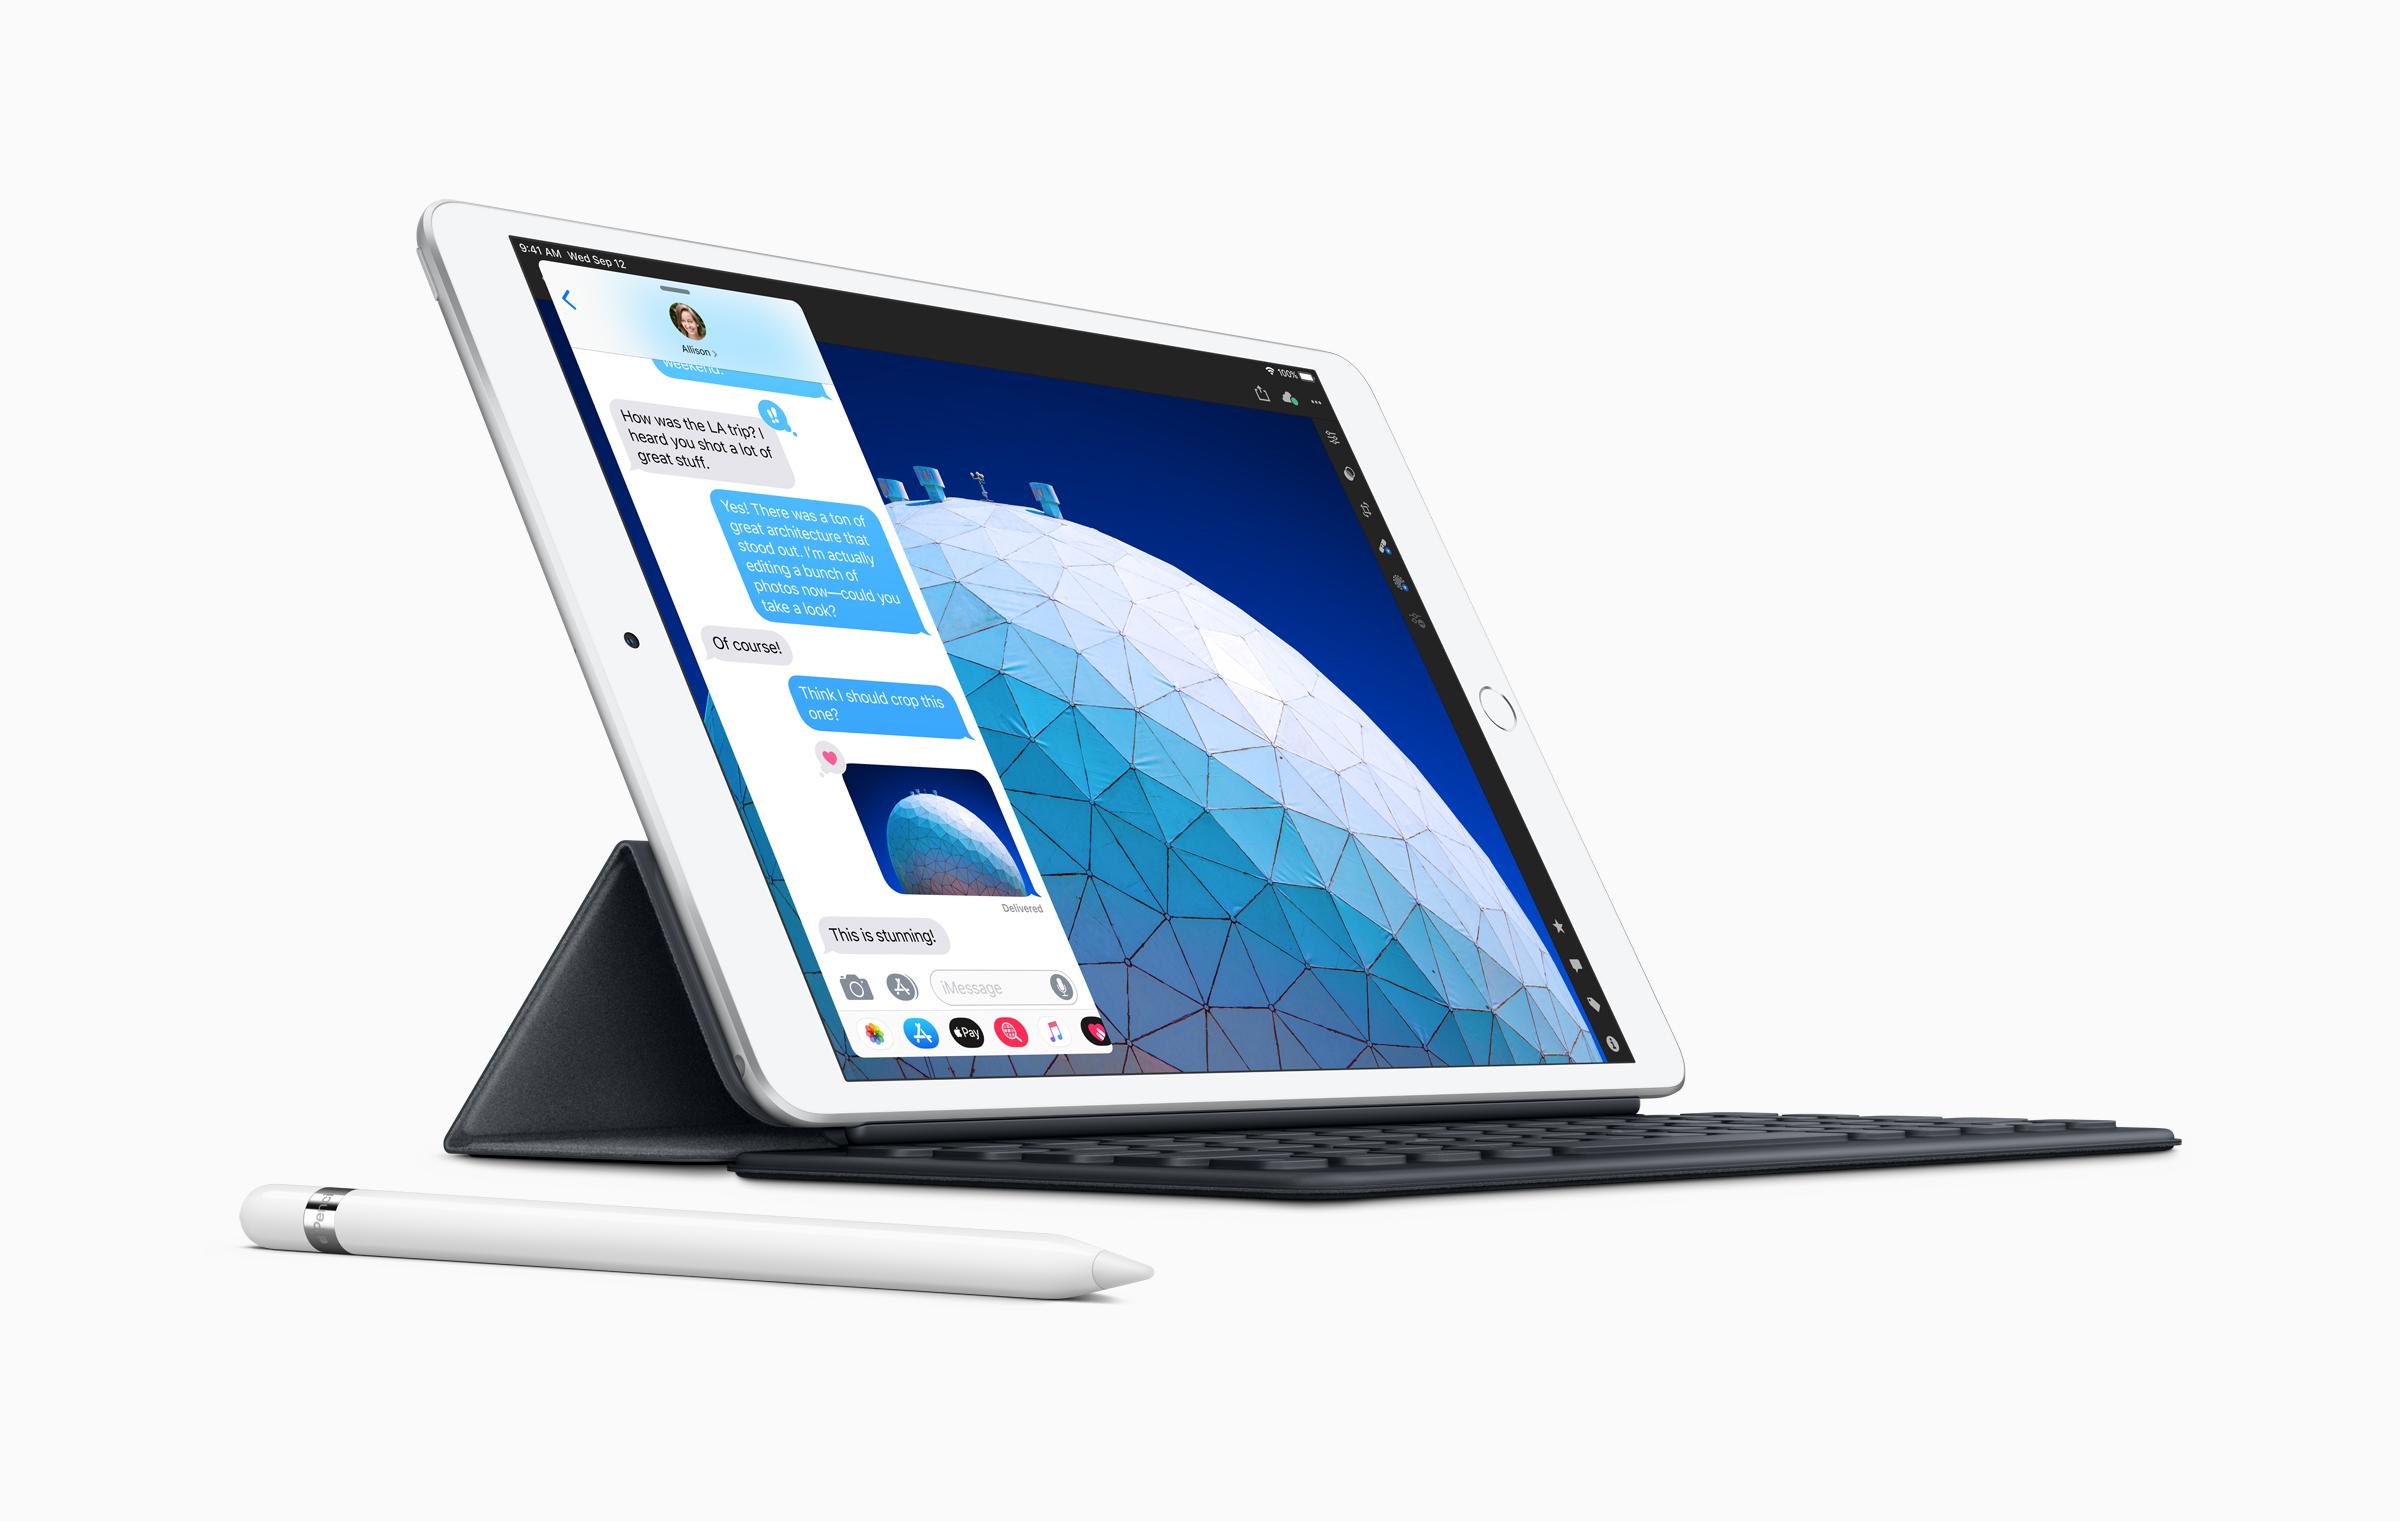 AppleiPad Air-smart keyboard